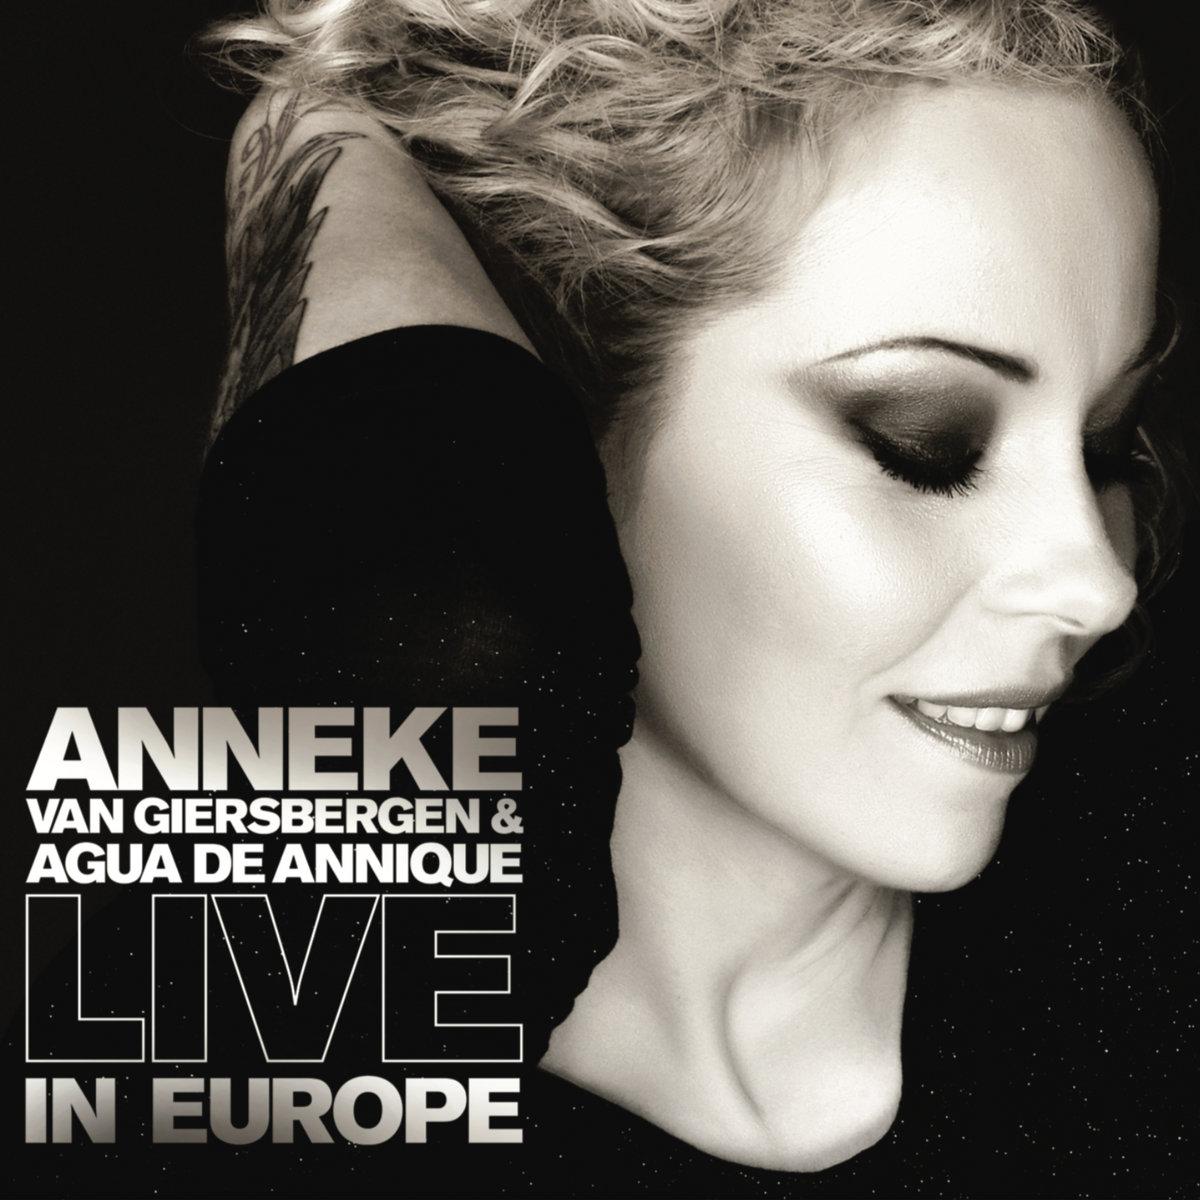 Live In Europe | Anneke van Giersbergen